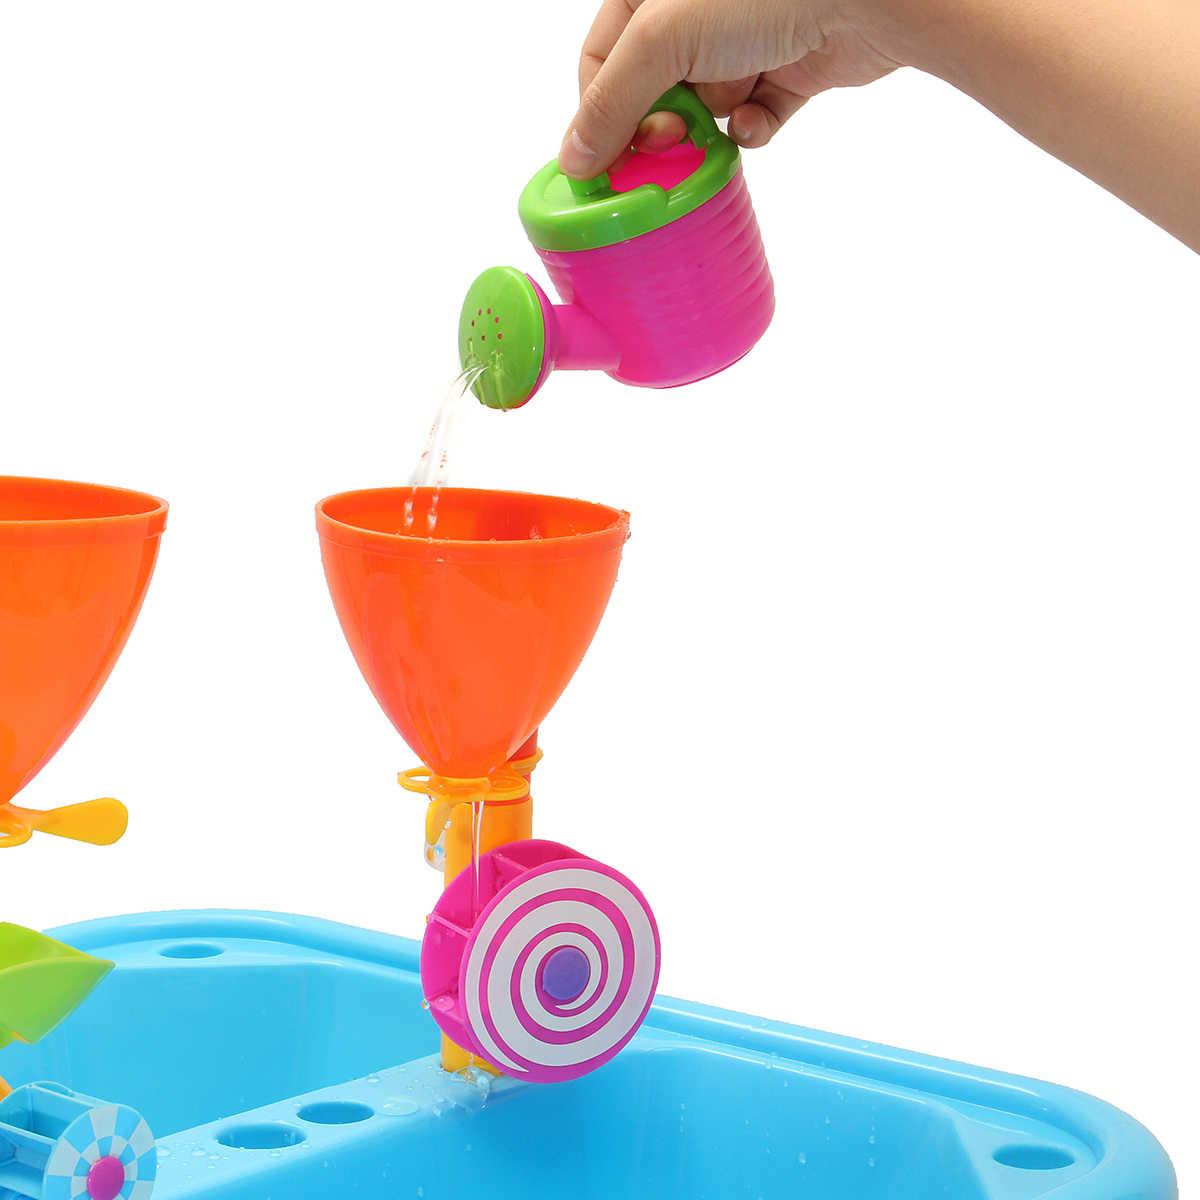 23 шт./компл. игрушки для песочницы нетоксичные пластиковые дети открытый песок и вода дети подвижная игра стол песочница игрушка набор Многоцветный